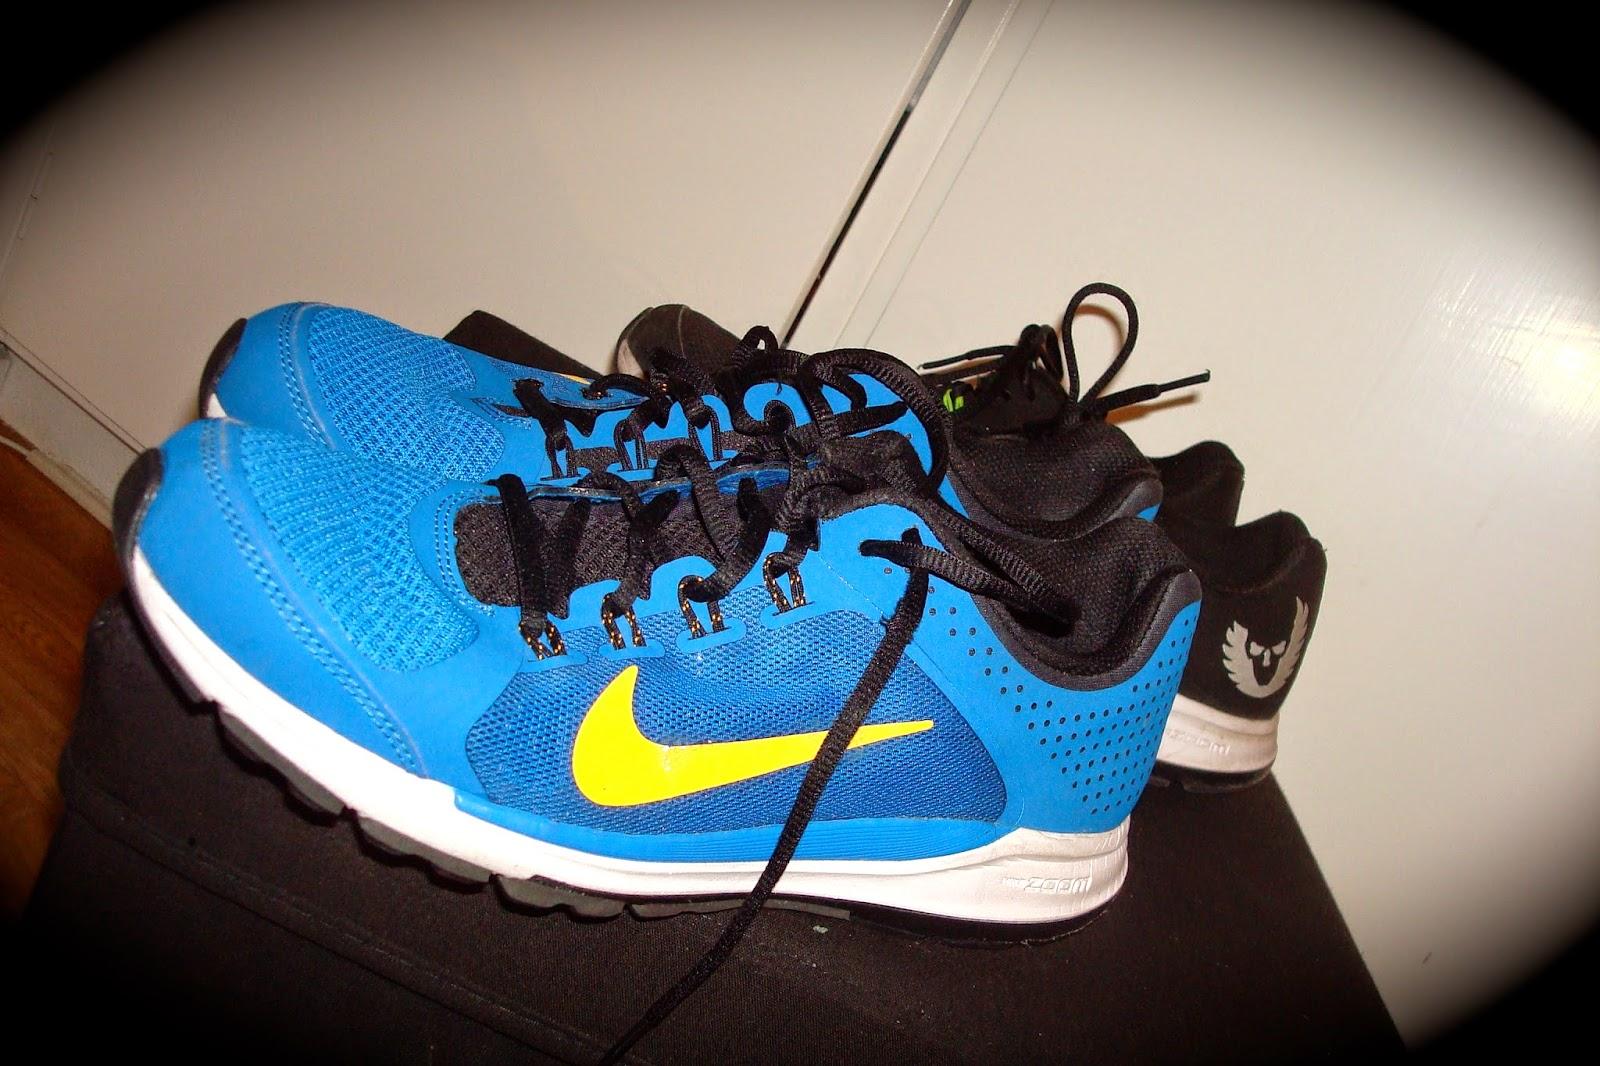 ad28358a1e2 Nike zoom elite 6. Som ni kan se på bilden är även detta en sko som jag  valt att satsa på – då menar jag i dubbelhet då jag slagit till på ...